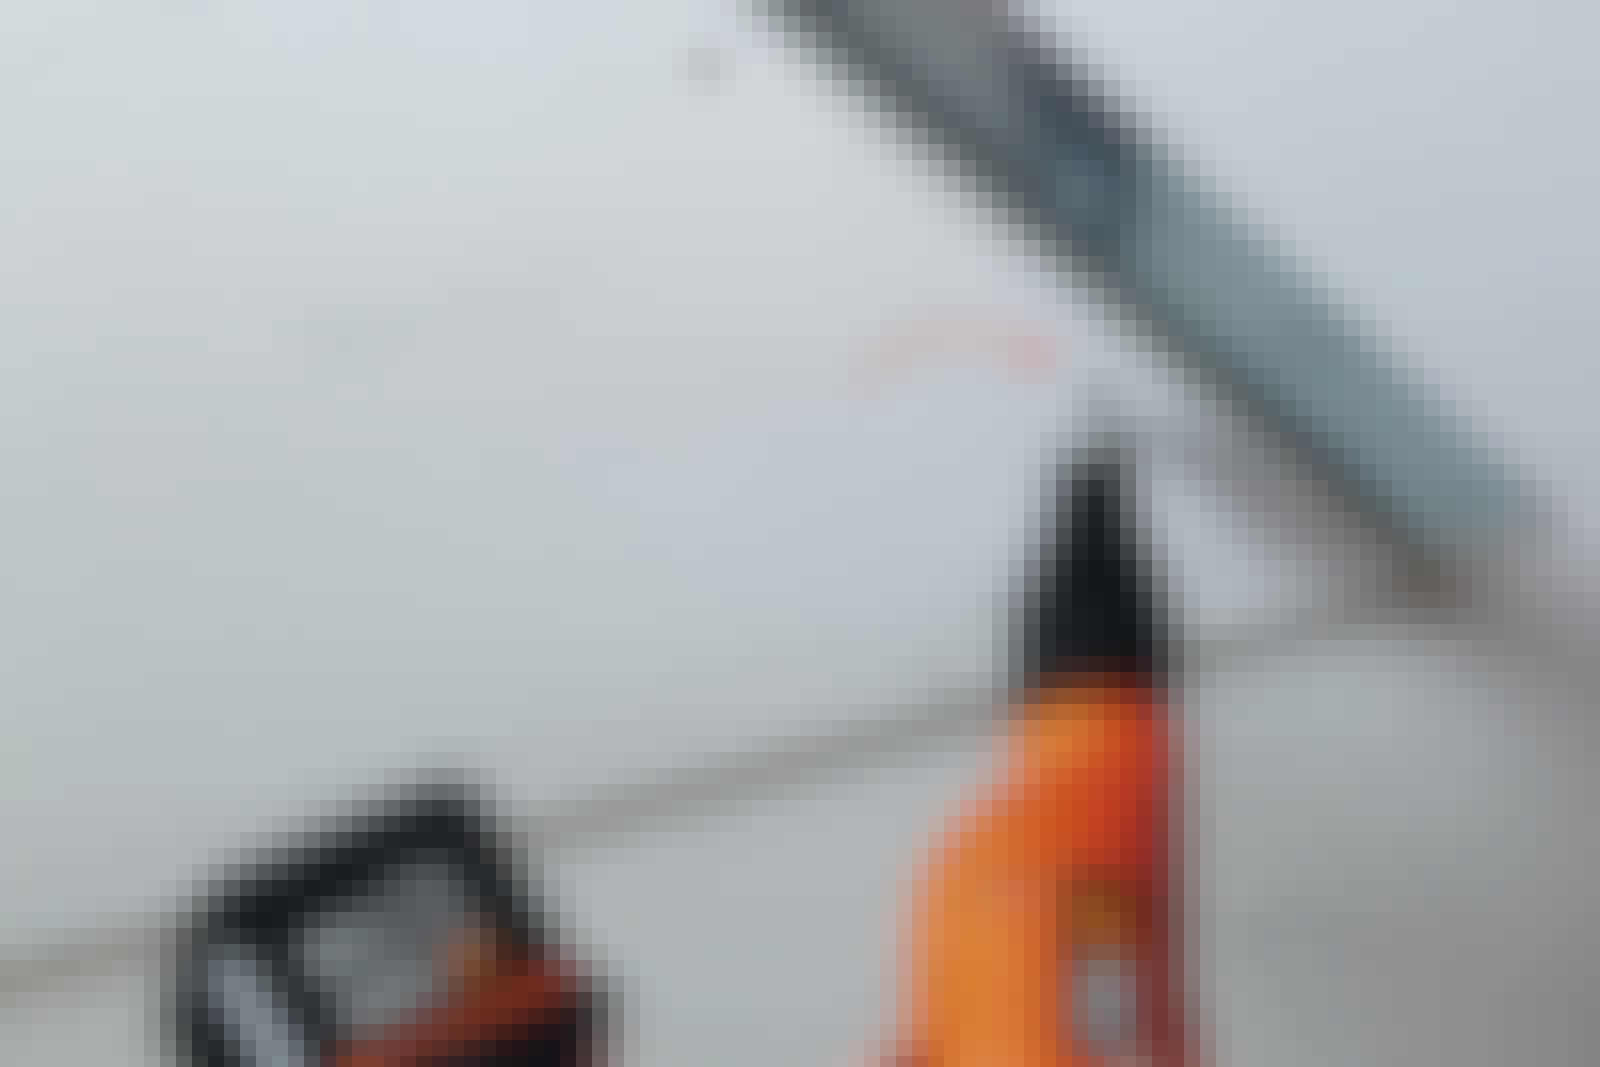 Dampspærre: Brug dampspærreklæber eller -tape til at tætne dampspærren